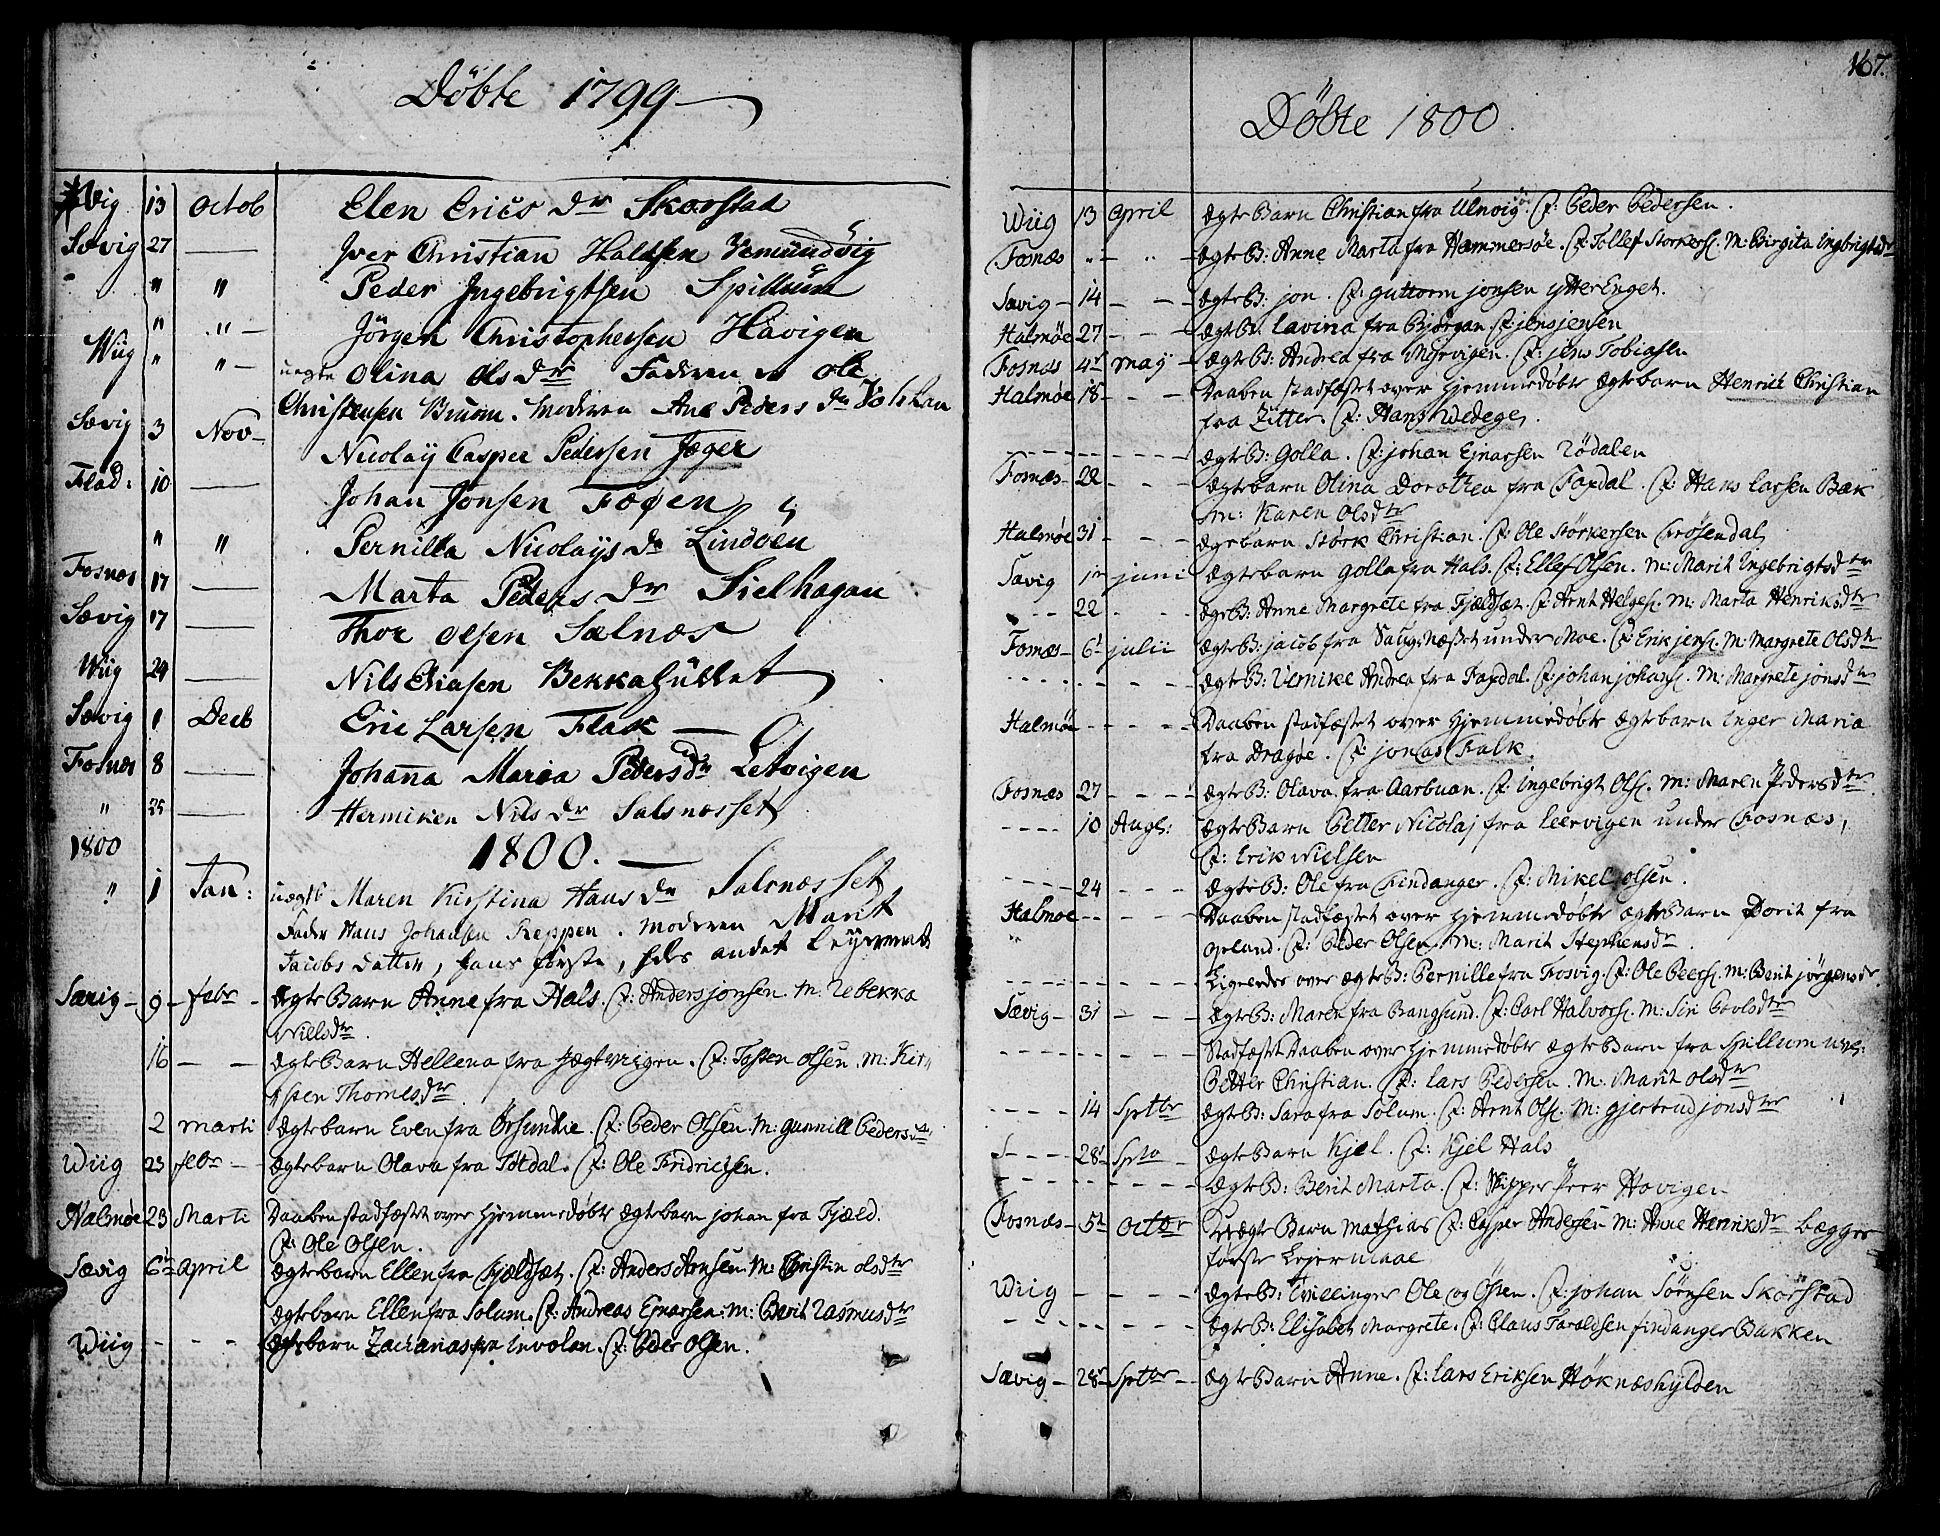 SAT, Ministerialprotokoller, klokkerbøker og fødselsregistre - Nord-Trøndelag, 773/L0608: Ministerialbok nr. 773A02, 1784-1816, s. 167